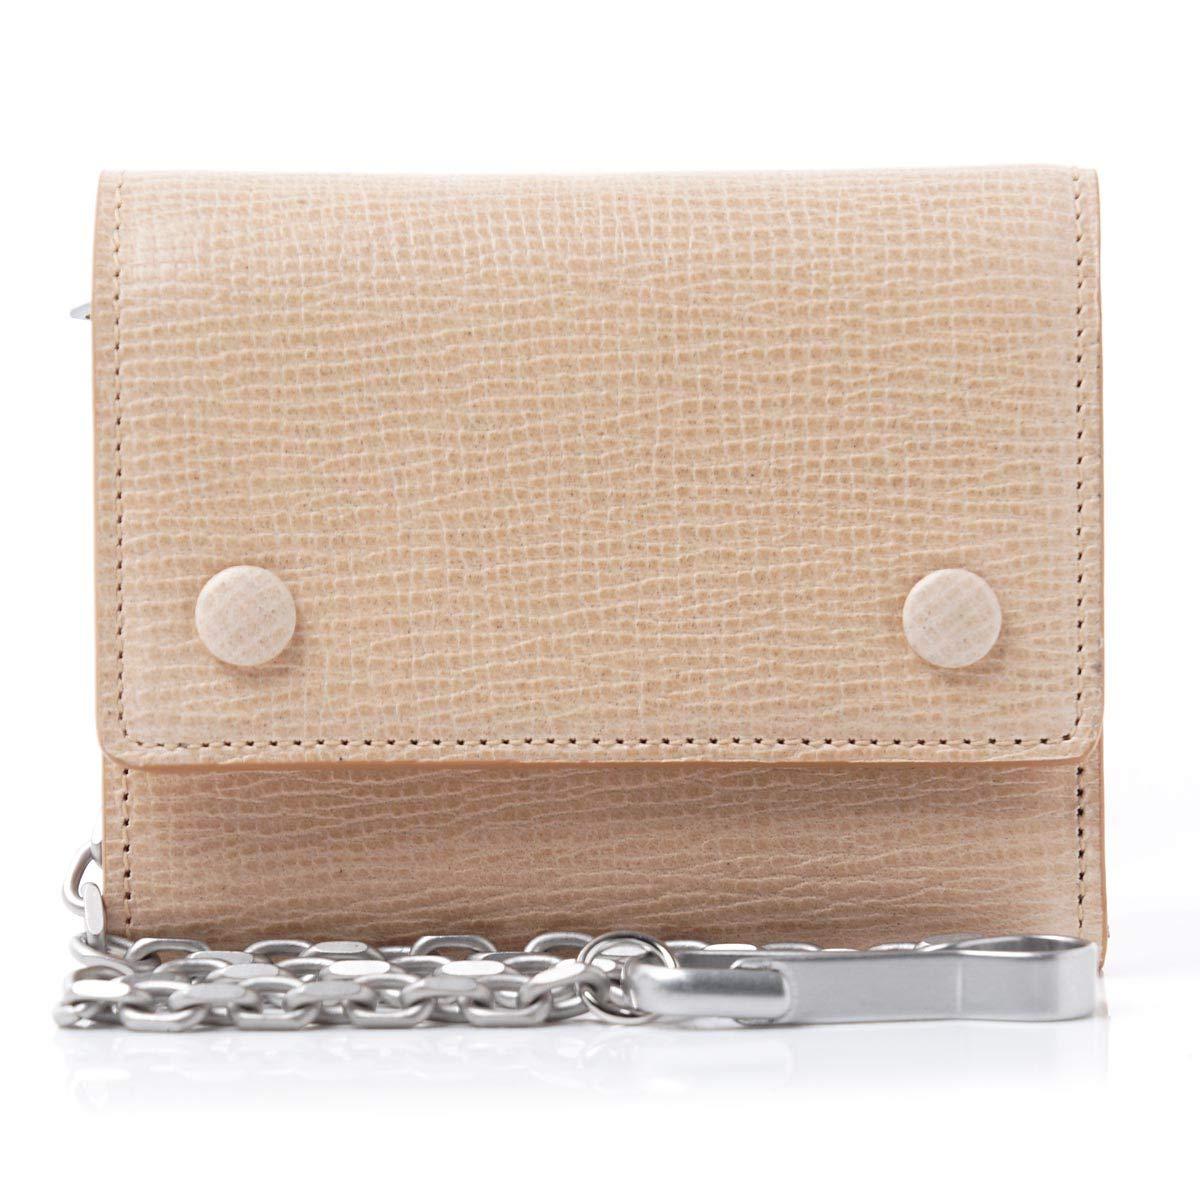 (メゾンマルジェラ) Maison Margiela 3つ折り 財布 小銭入れ付き 11 女性と男性のためのアクセサリーコレクション [並行輸入品] B07P7YLJM8